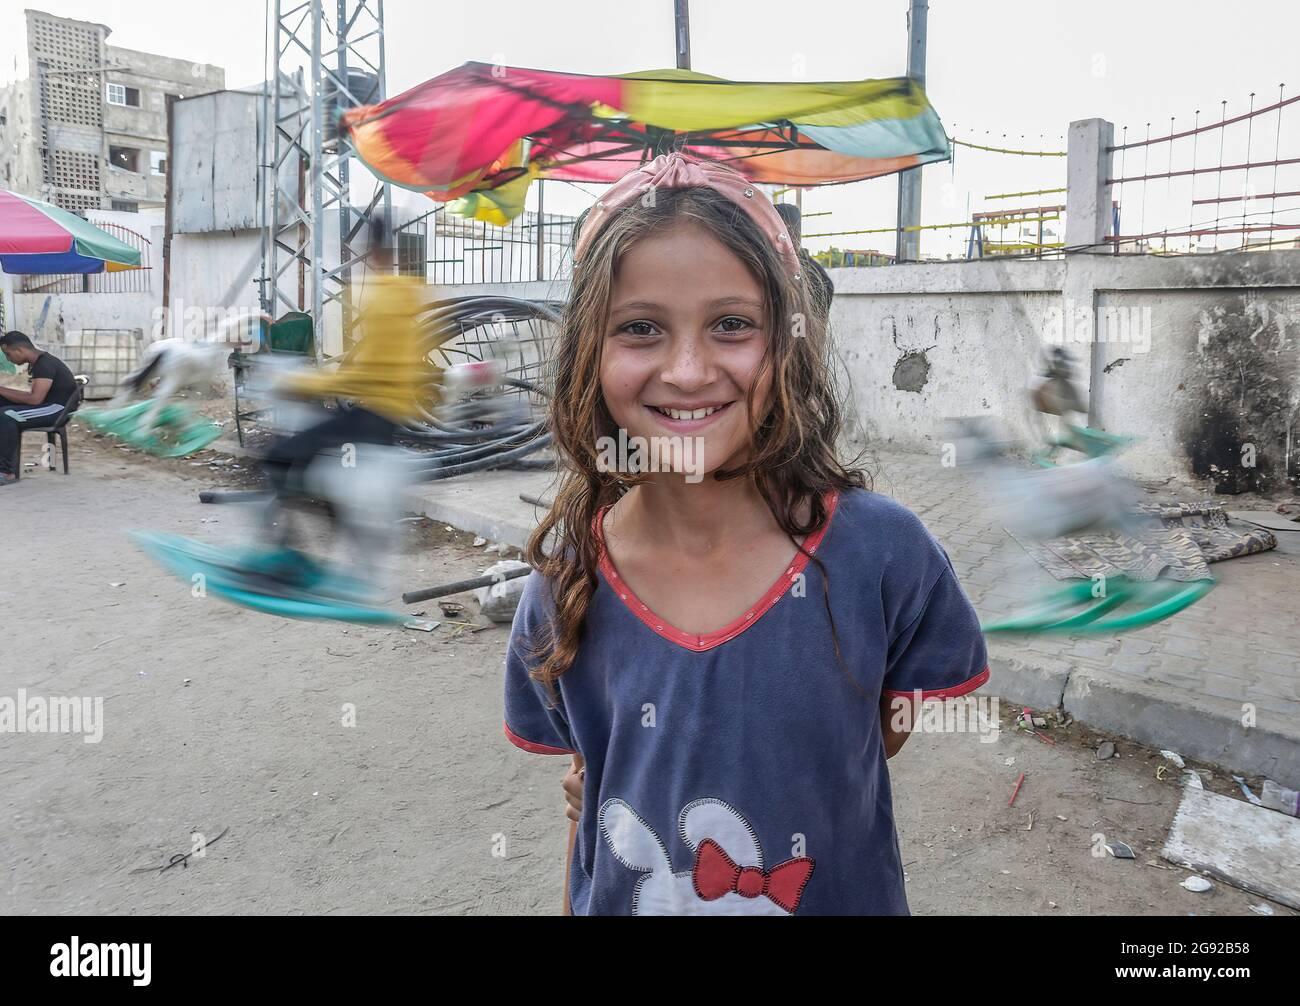 Ciudad de Gaza, Palestina. 22nd de julio de 2021. Una niña palestina está de pie frente a su casa en la ciudad de Beit Hanoun, en el norte de la Faja de Gaza. Crédito: SOPA Images Limited/Alamy Live News Foto de stock